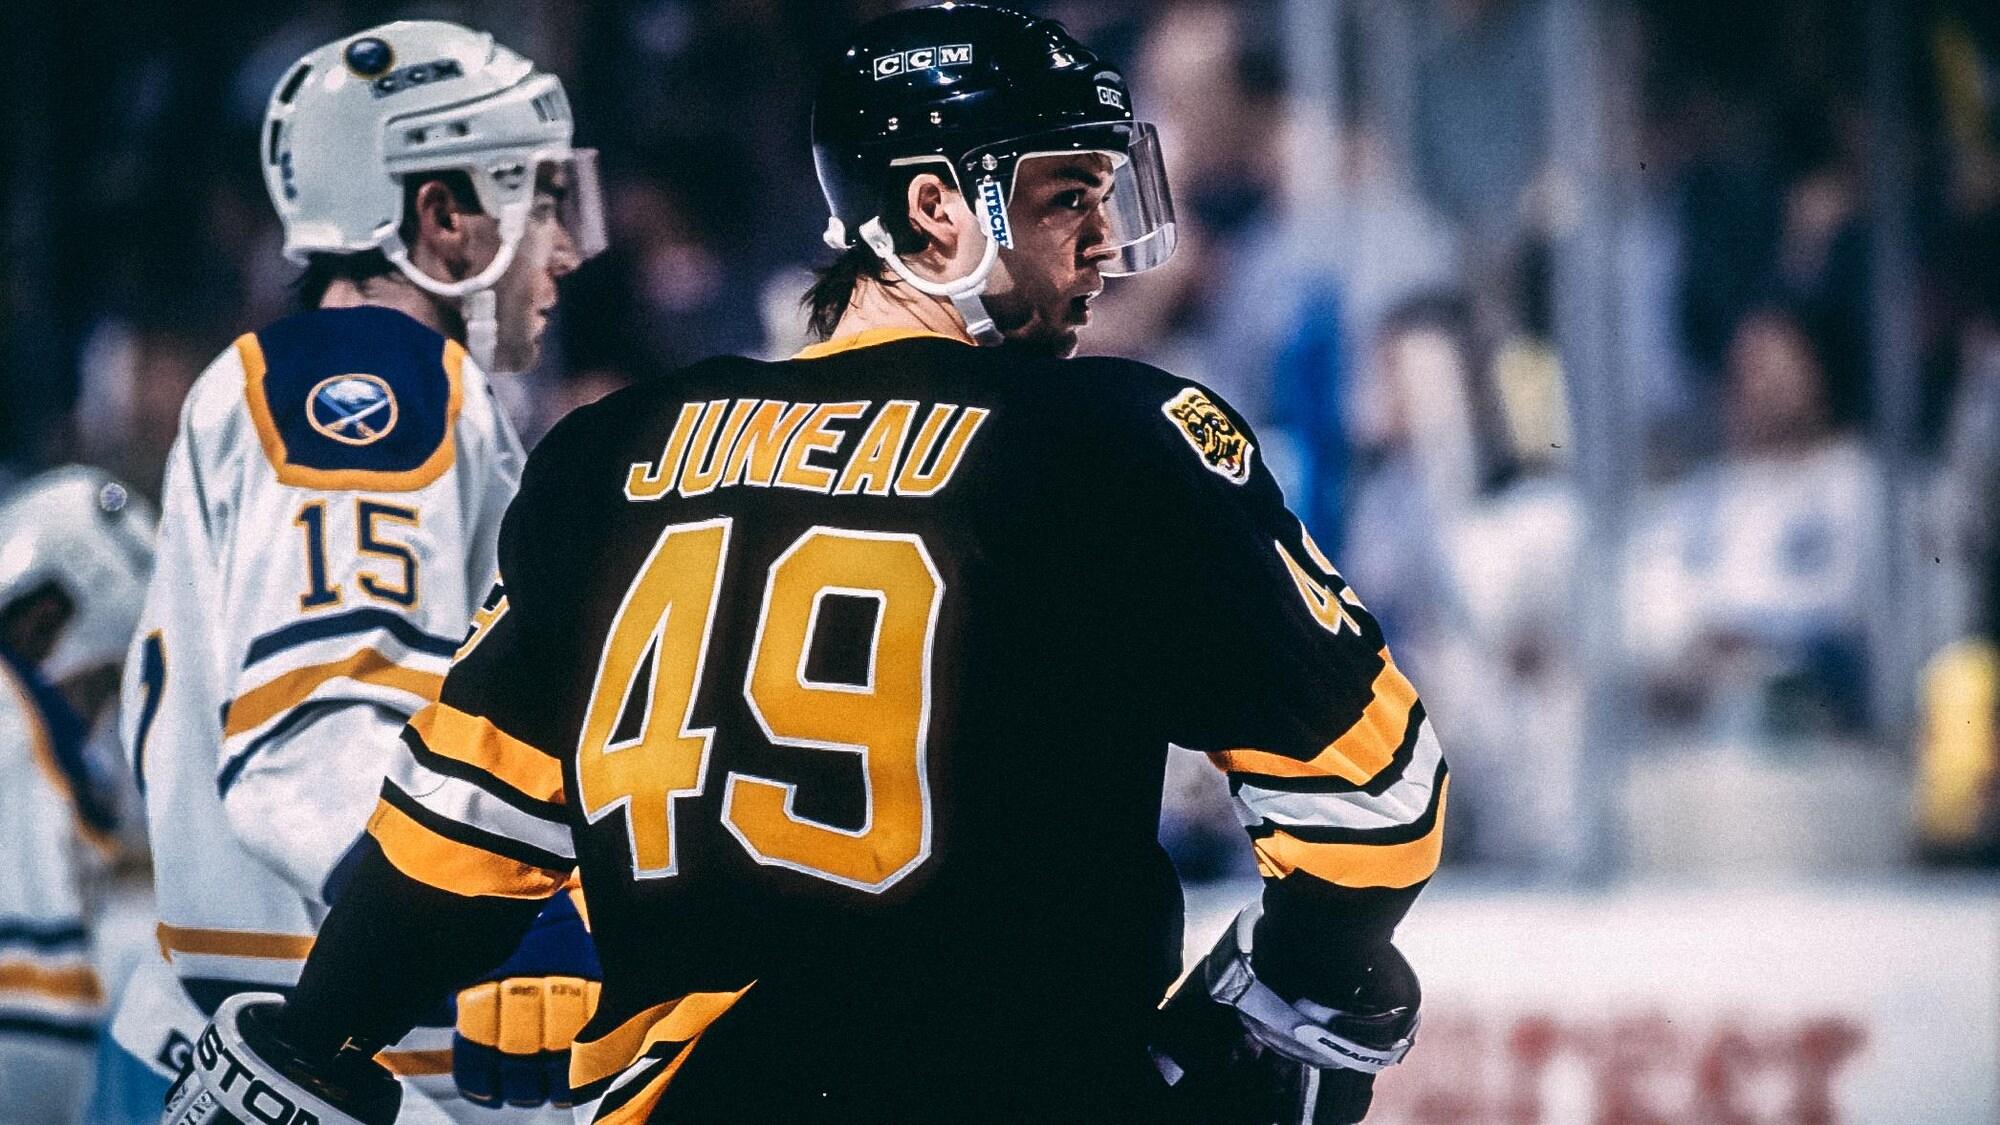 Joé Juneau avec les Bruins de Boston en 1992